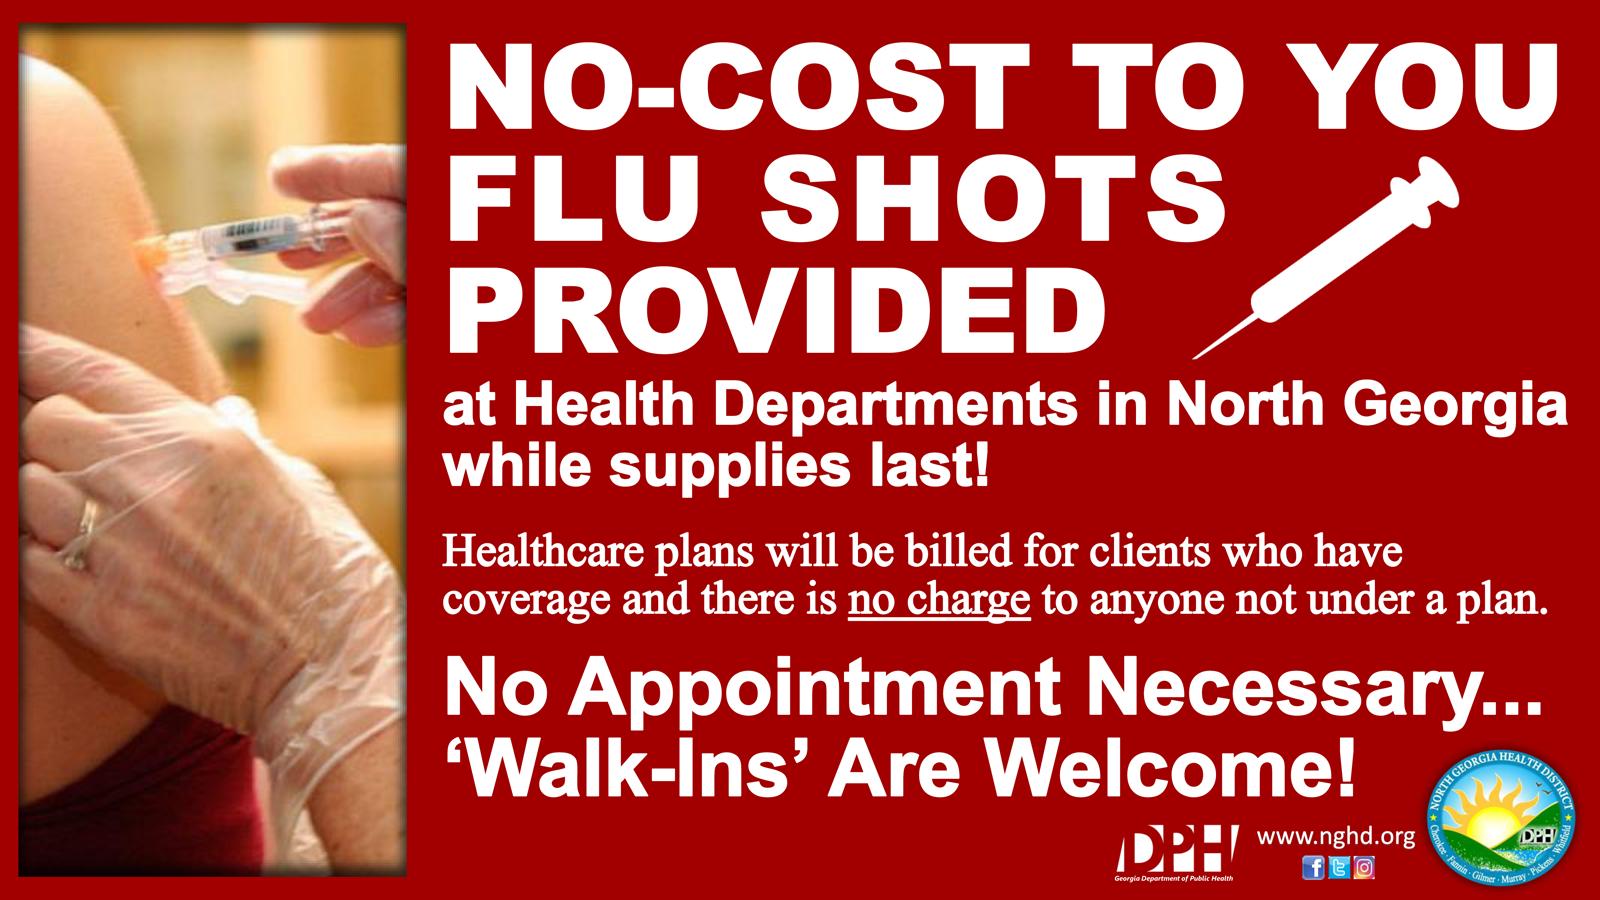 Distrito de vacuna contra la gripe sin costo Feb 2018 Flyer